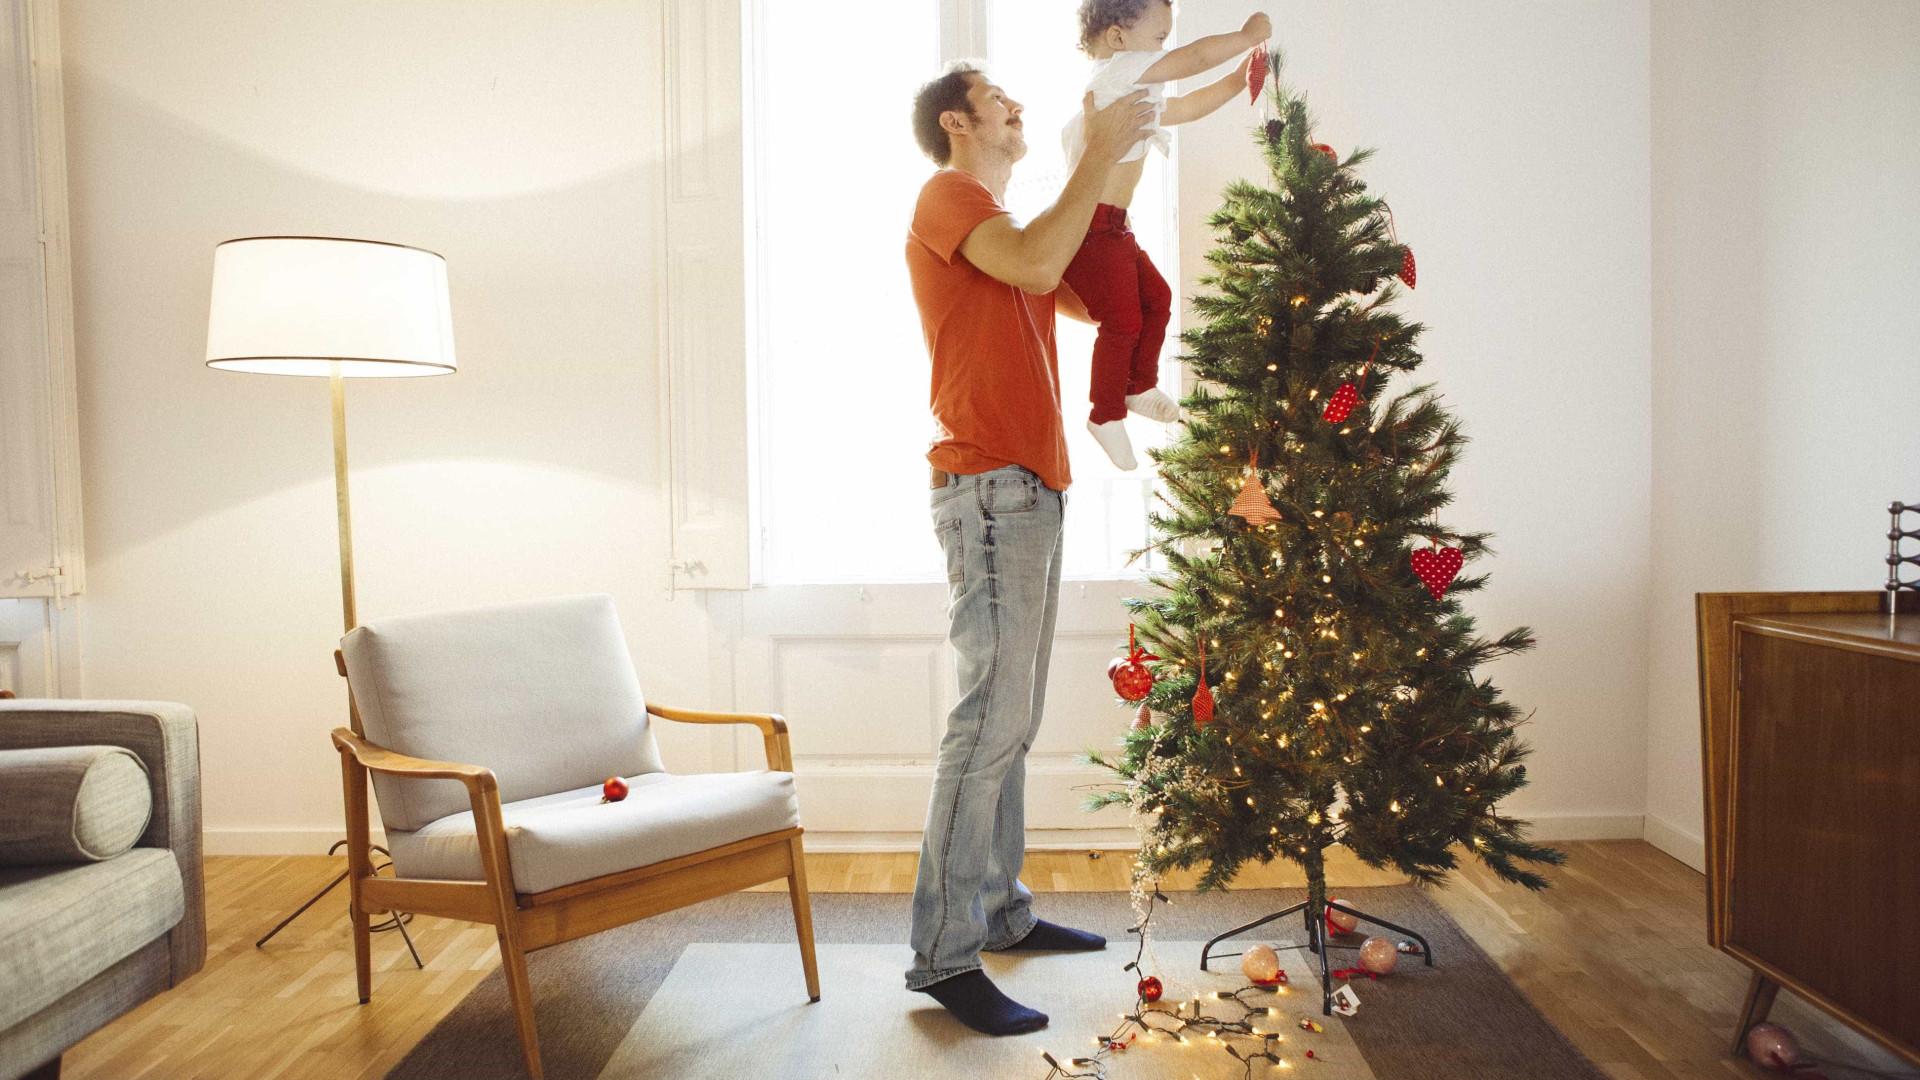 Já fez as decorações de Natal? Temos boas notícias para si